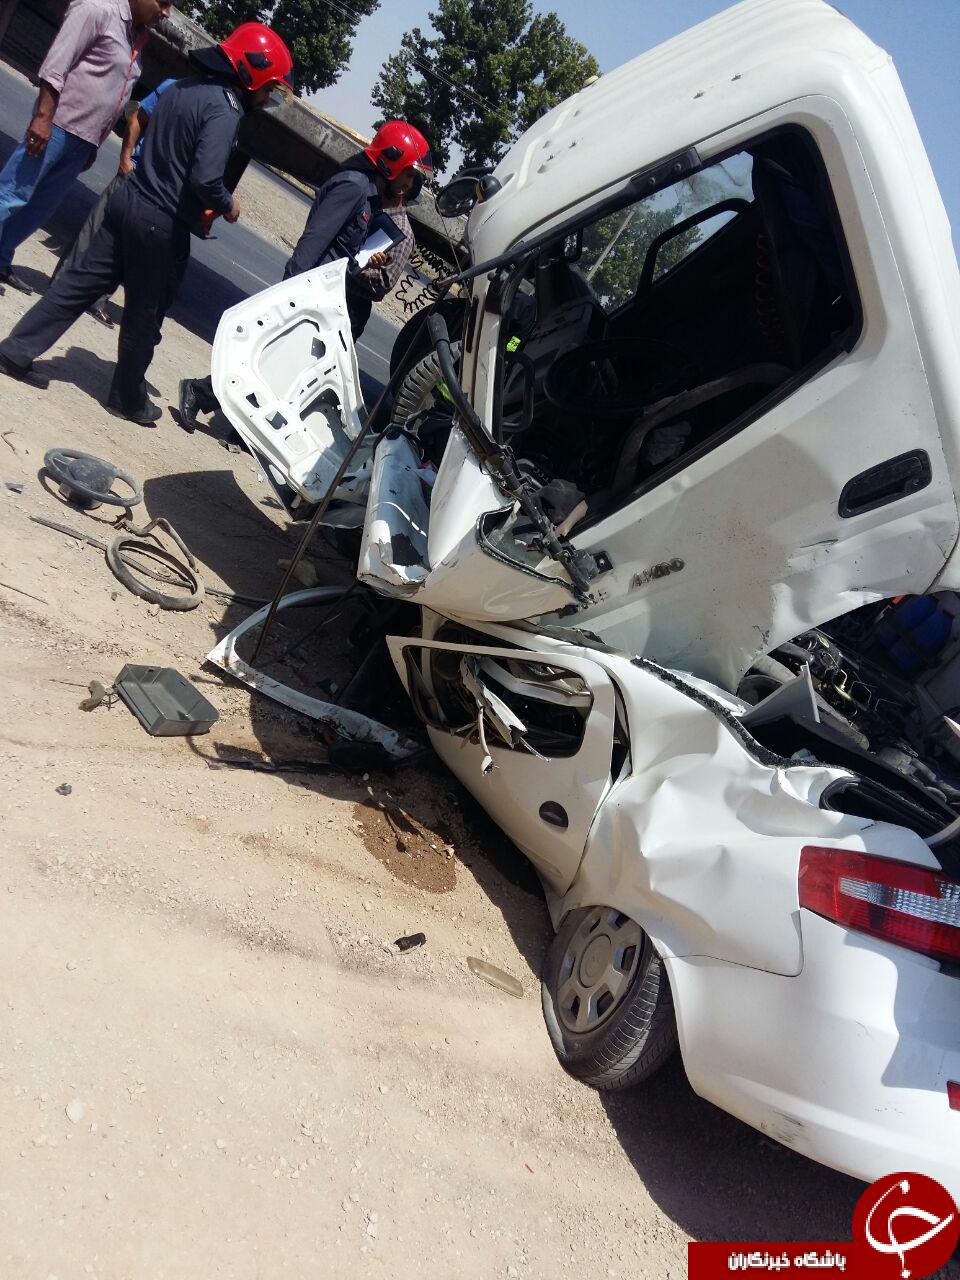 کشته و زخمی شدن دو راننده در اتوبان نجف آباد